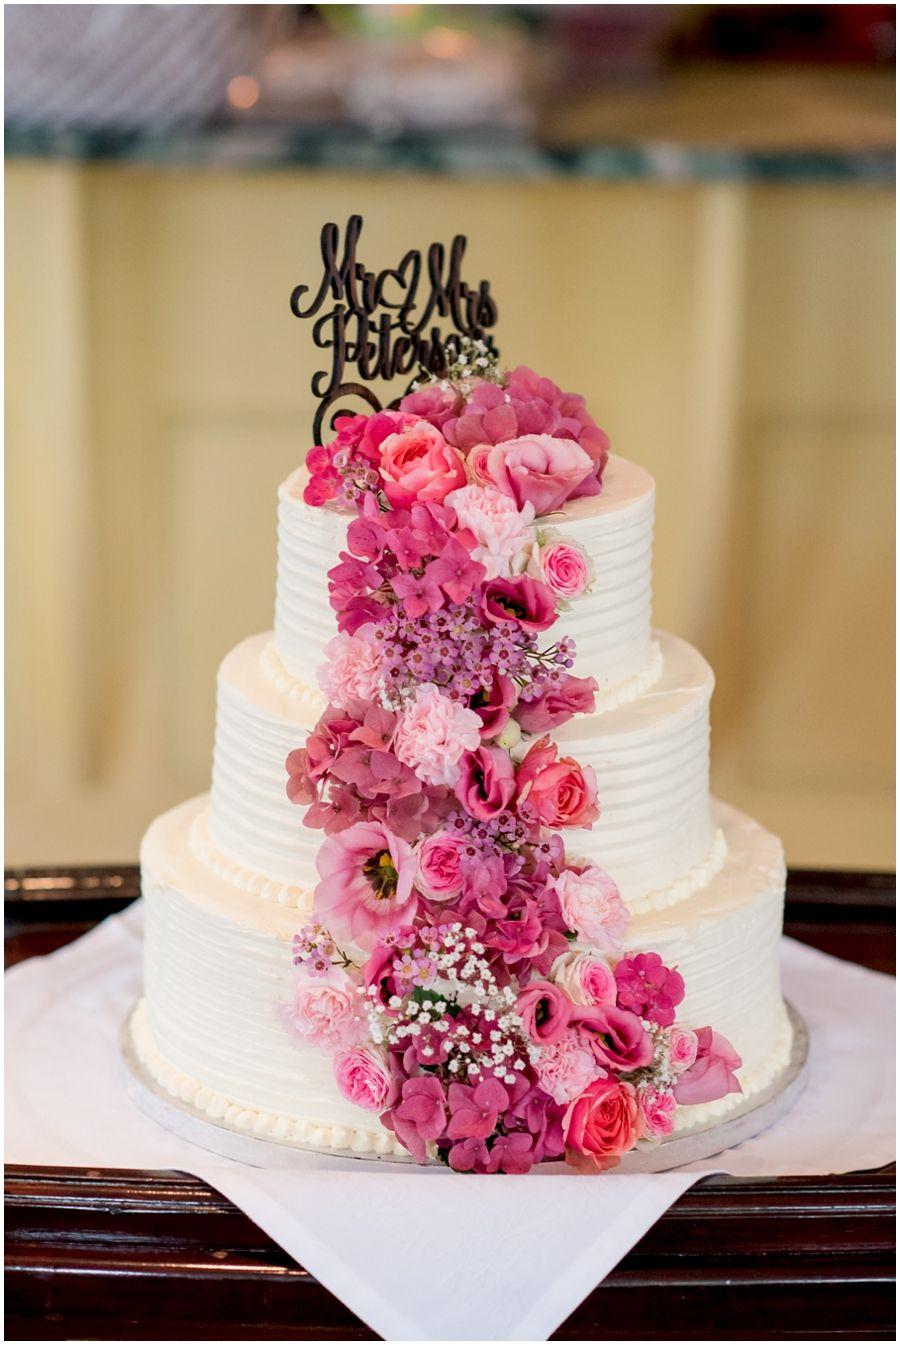 Hochzeitsinspirationen Fur Floristik Dekoration Und Location Hochzeitstorte Blumen Torte Hochzeit Hochzeitstorte